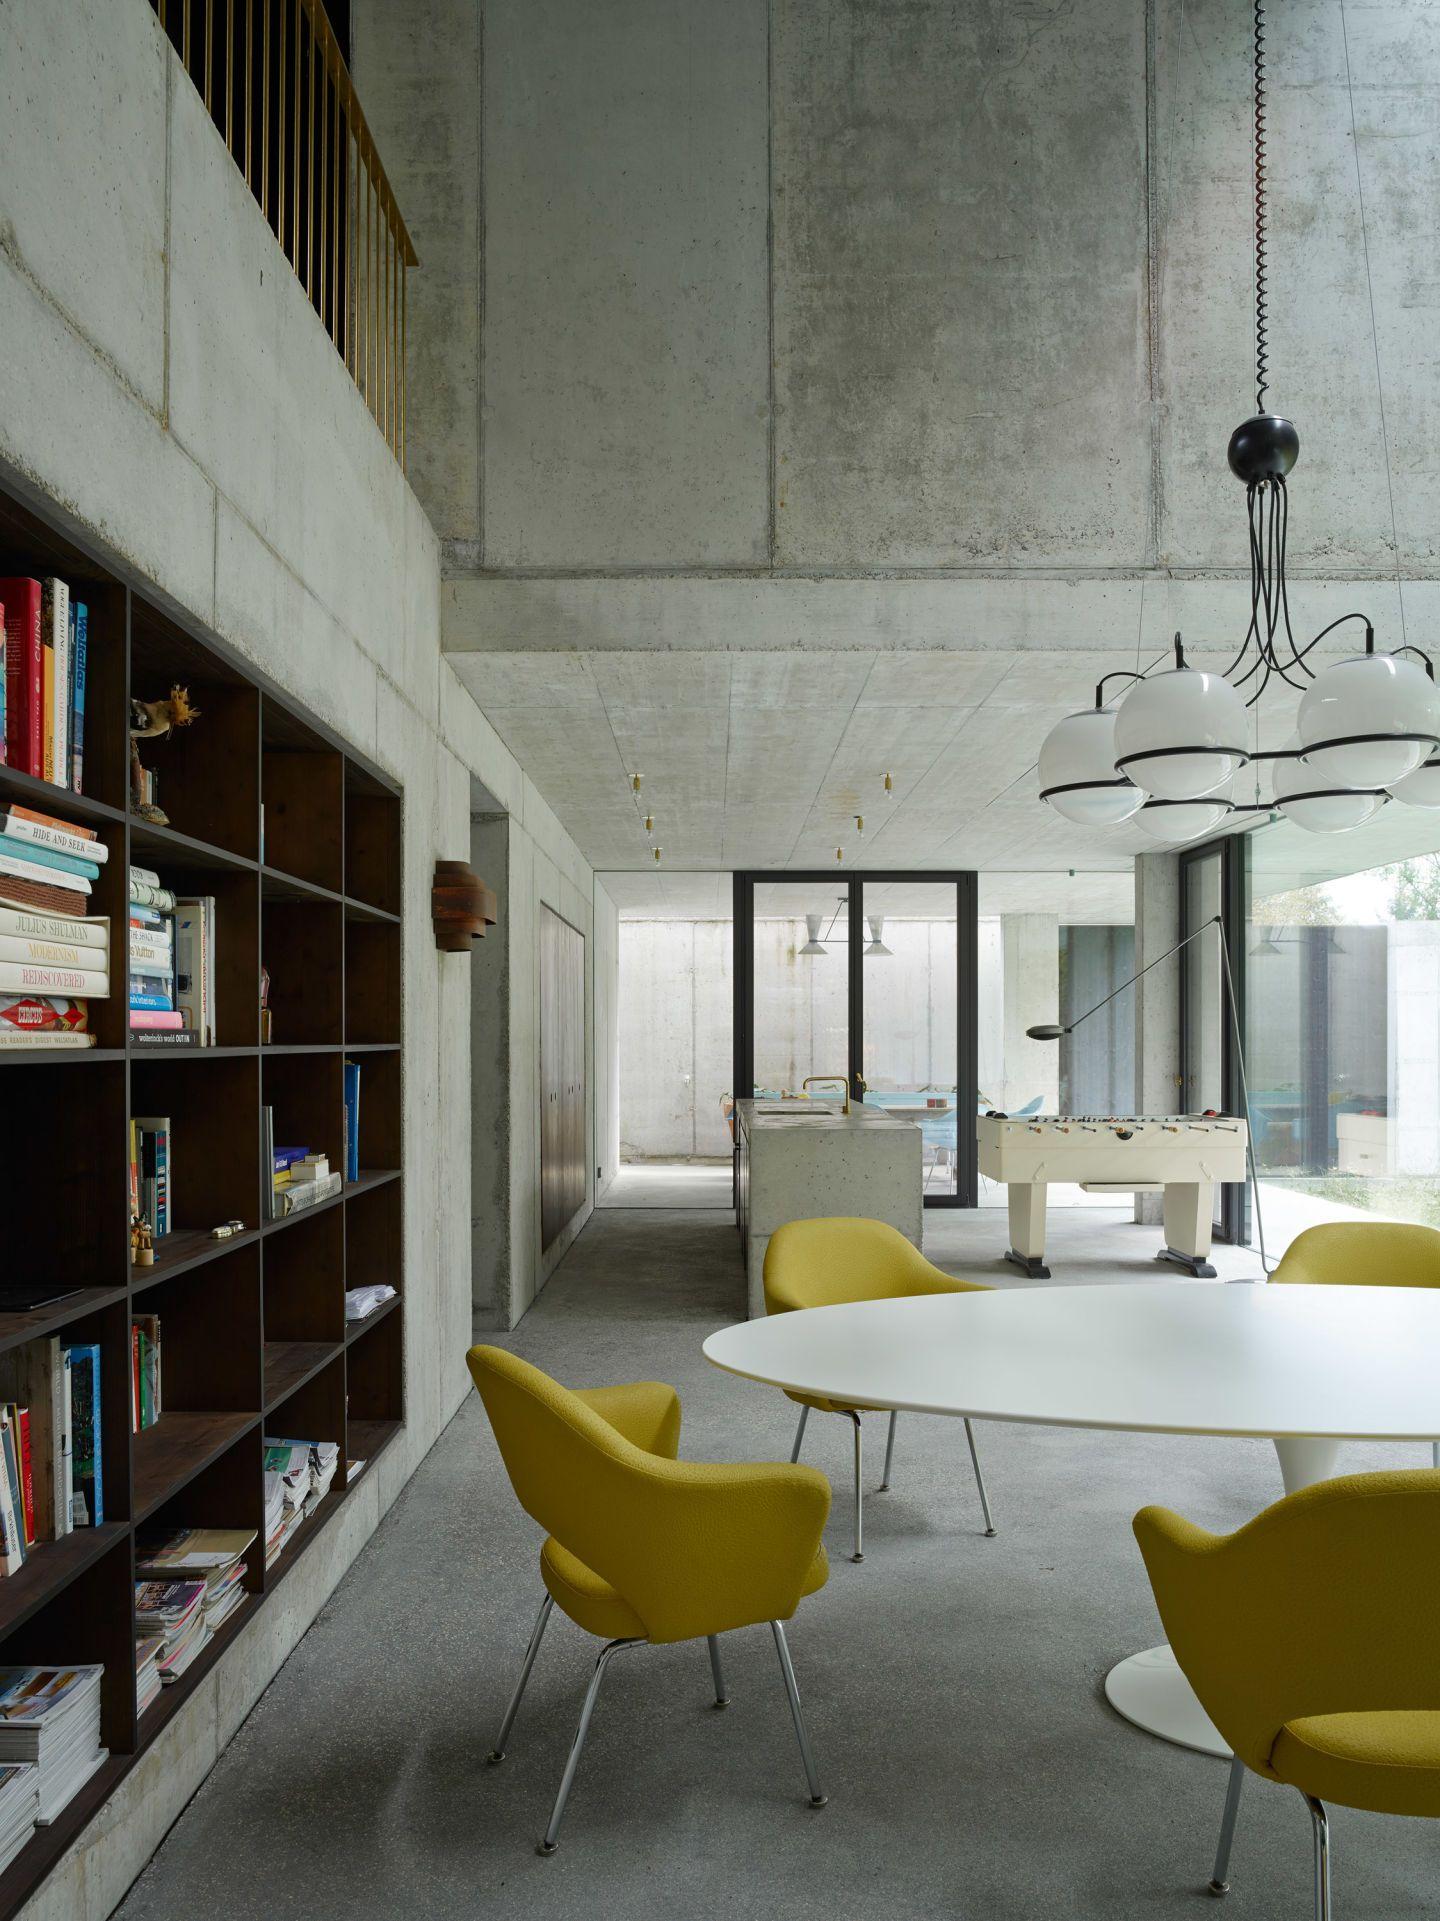 mlzd · Einfamilienwohnhaus Ipsach · Divisare | Houses | Pinterest ...